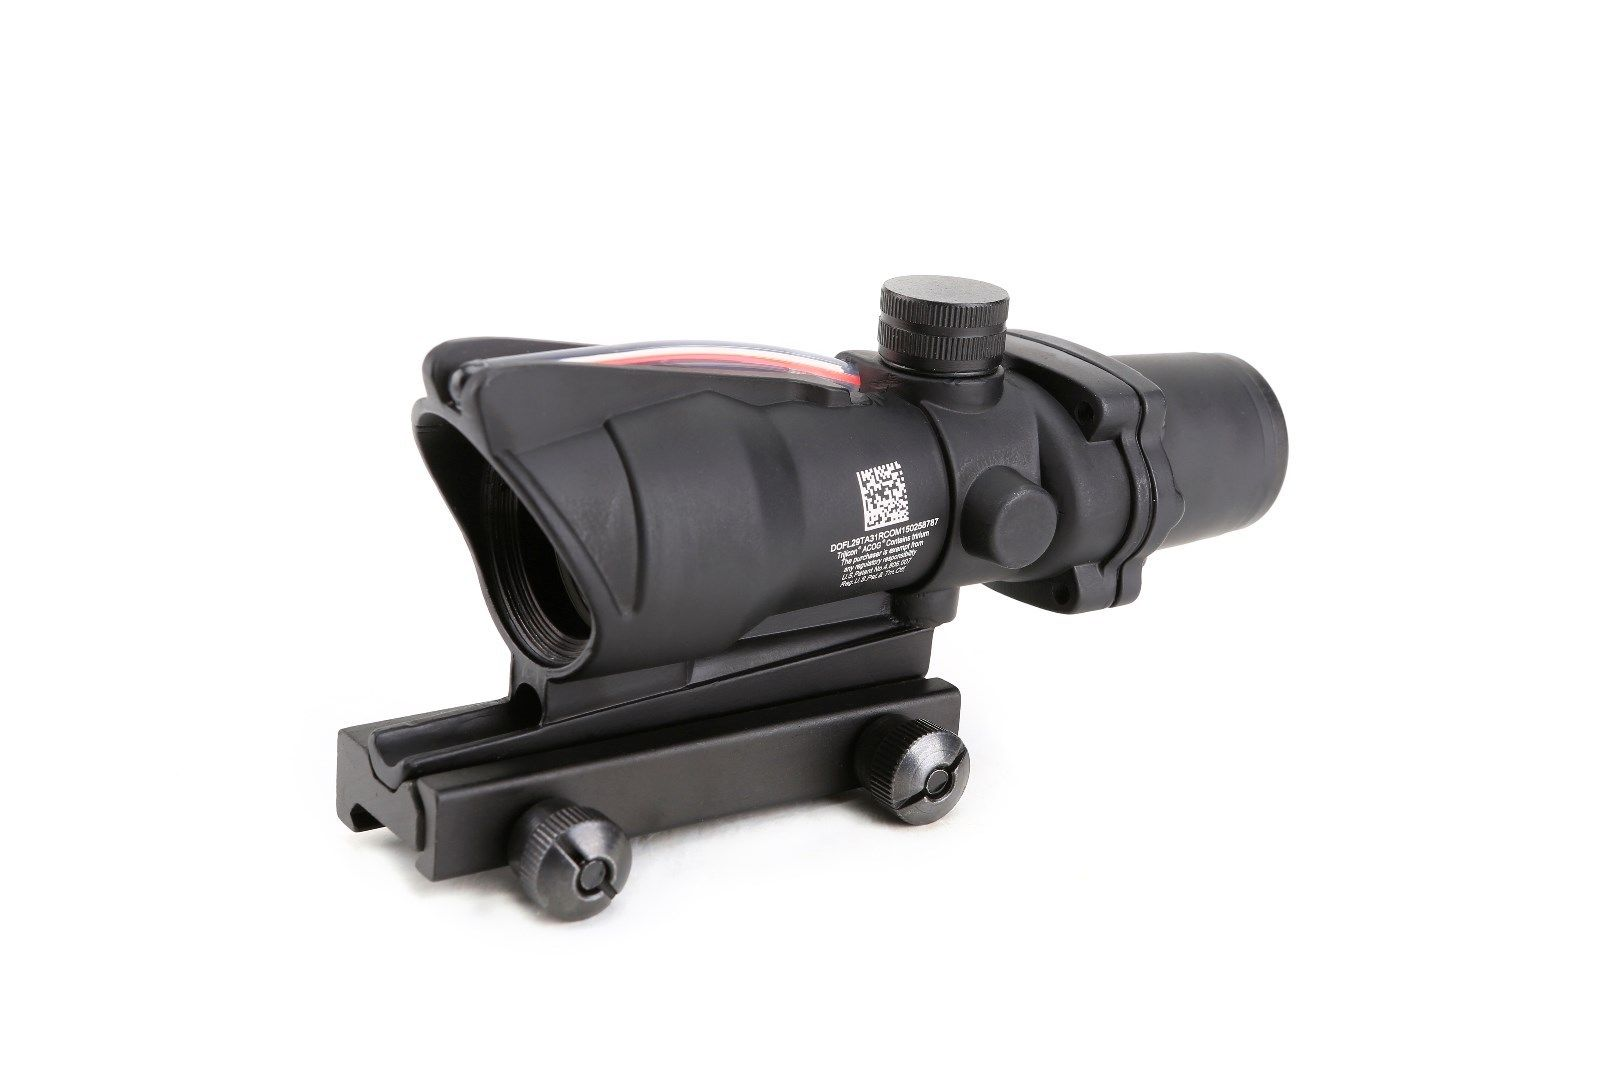 magorui caca acog 4x32 red dot rifle scope visao fibra optica vermelho iluminado